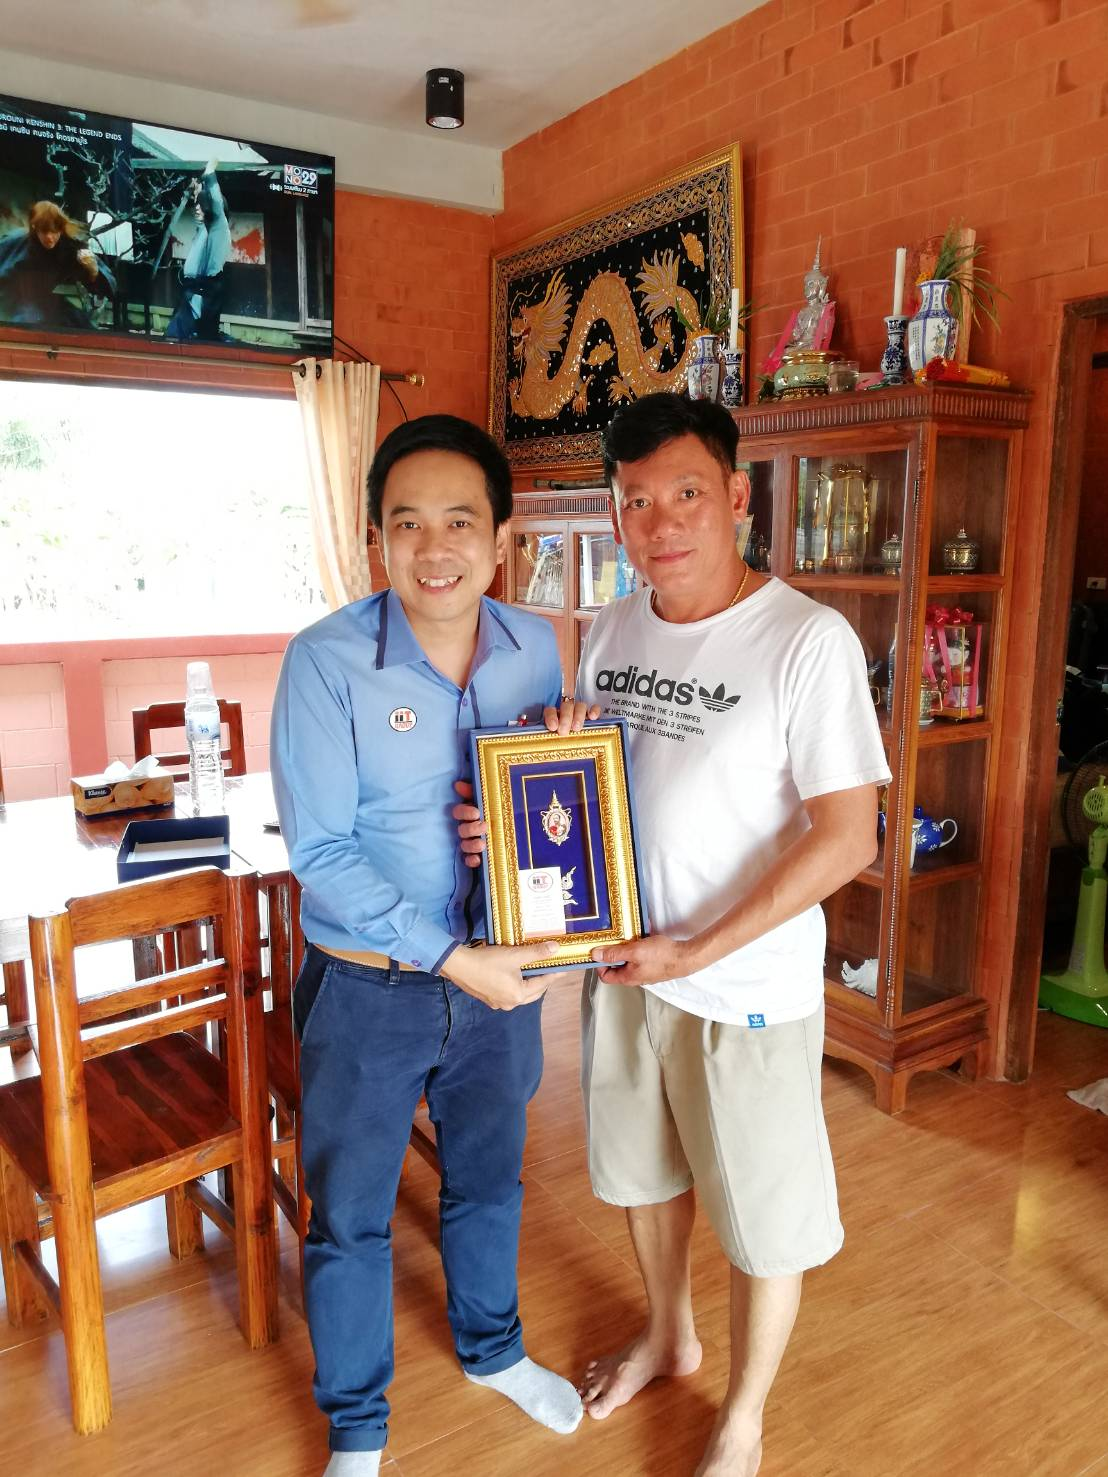 ประธานกลุ่มบริษัท IITGROUP ร่วมแสดงความยินดีกับลูกค้า